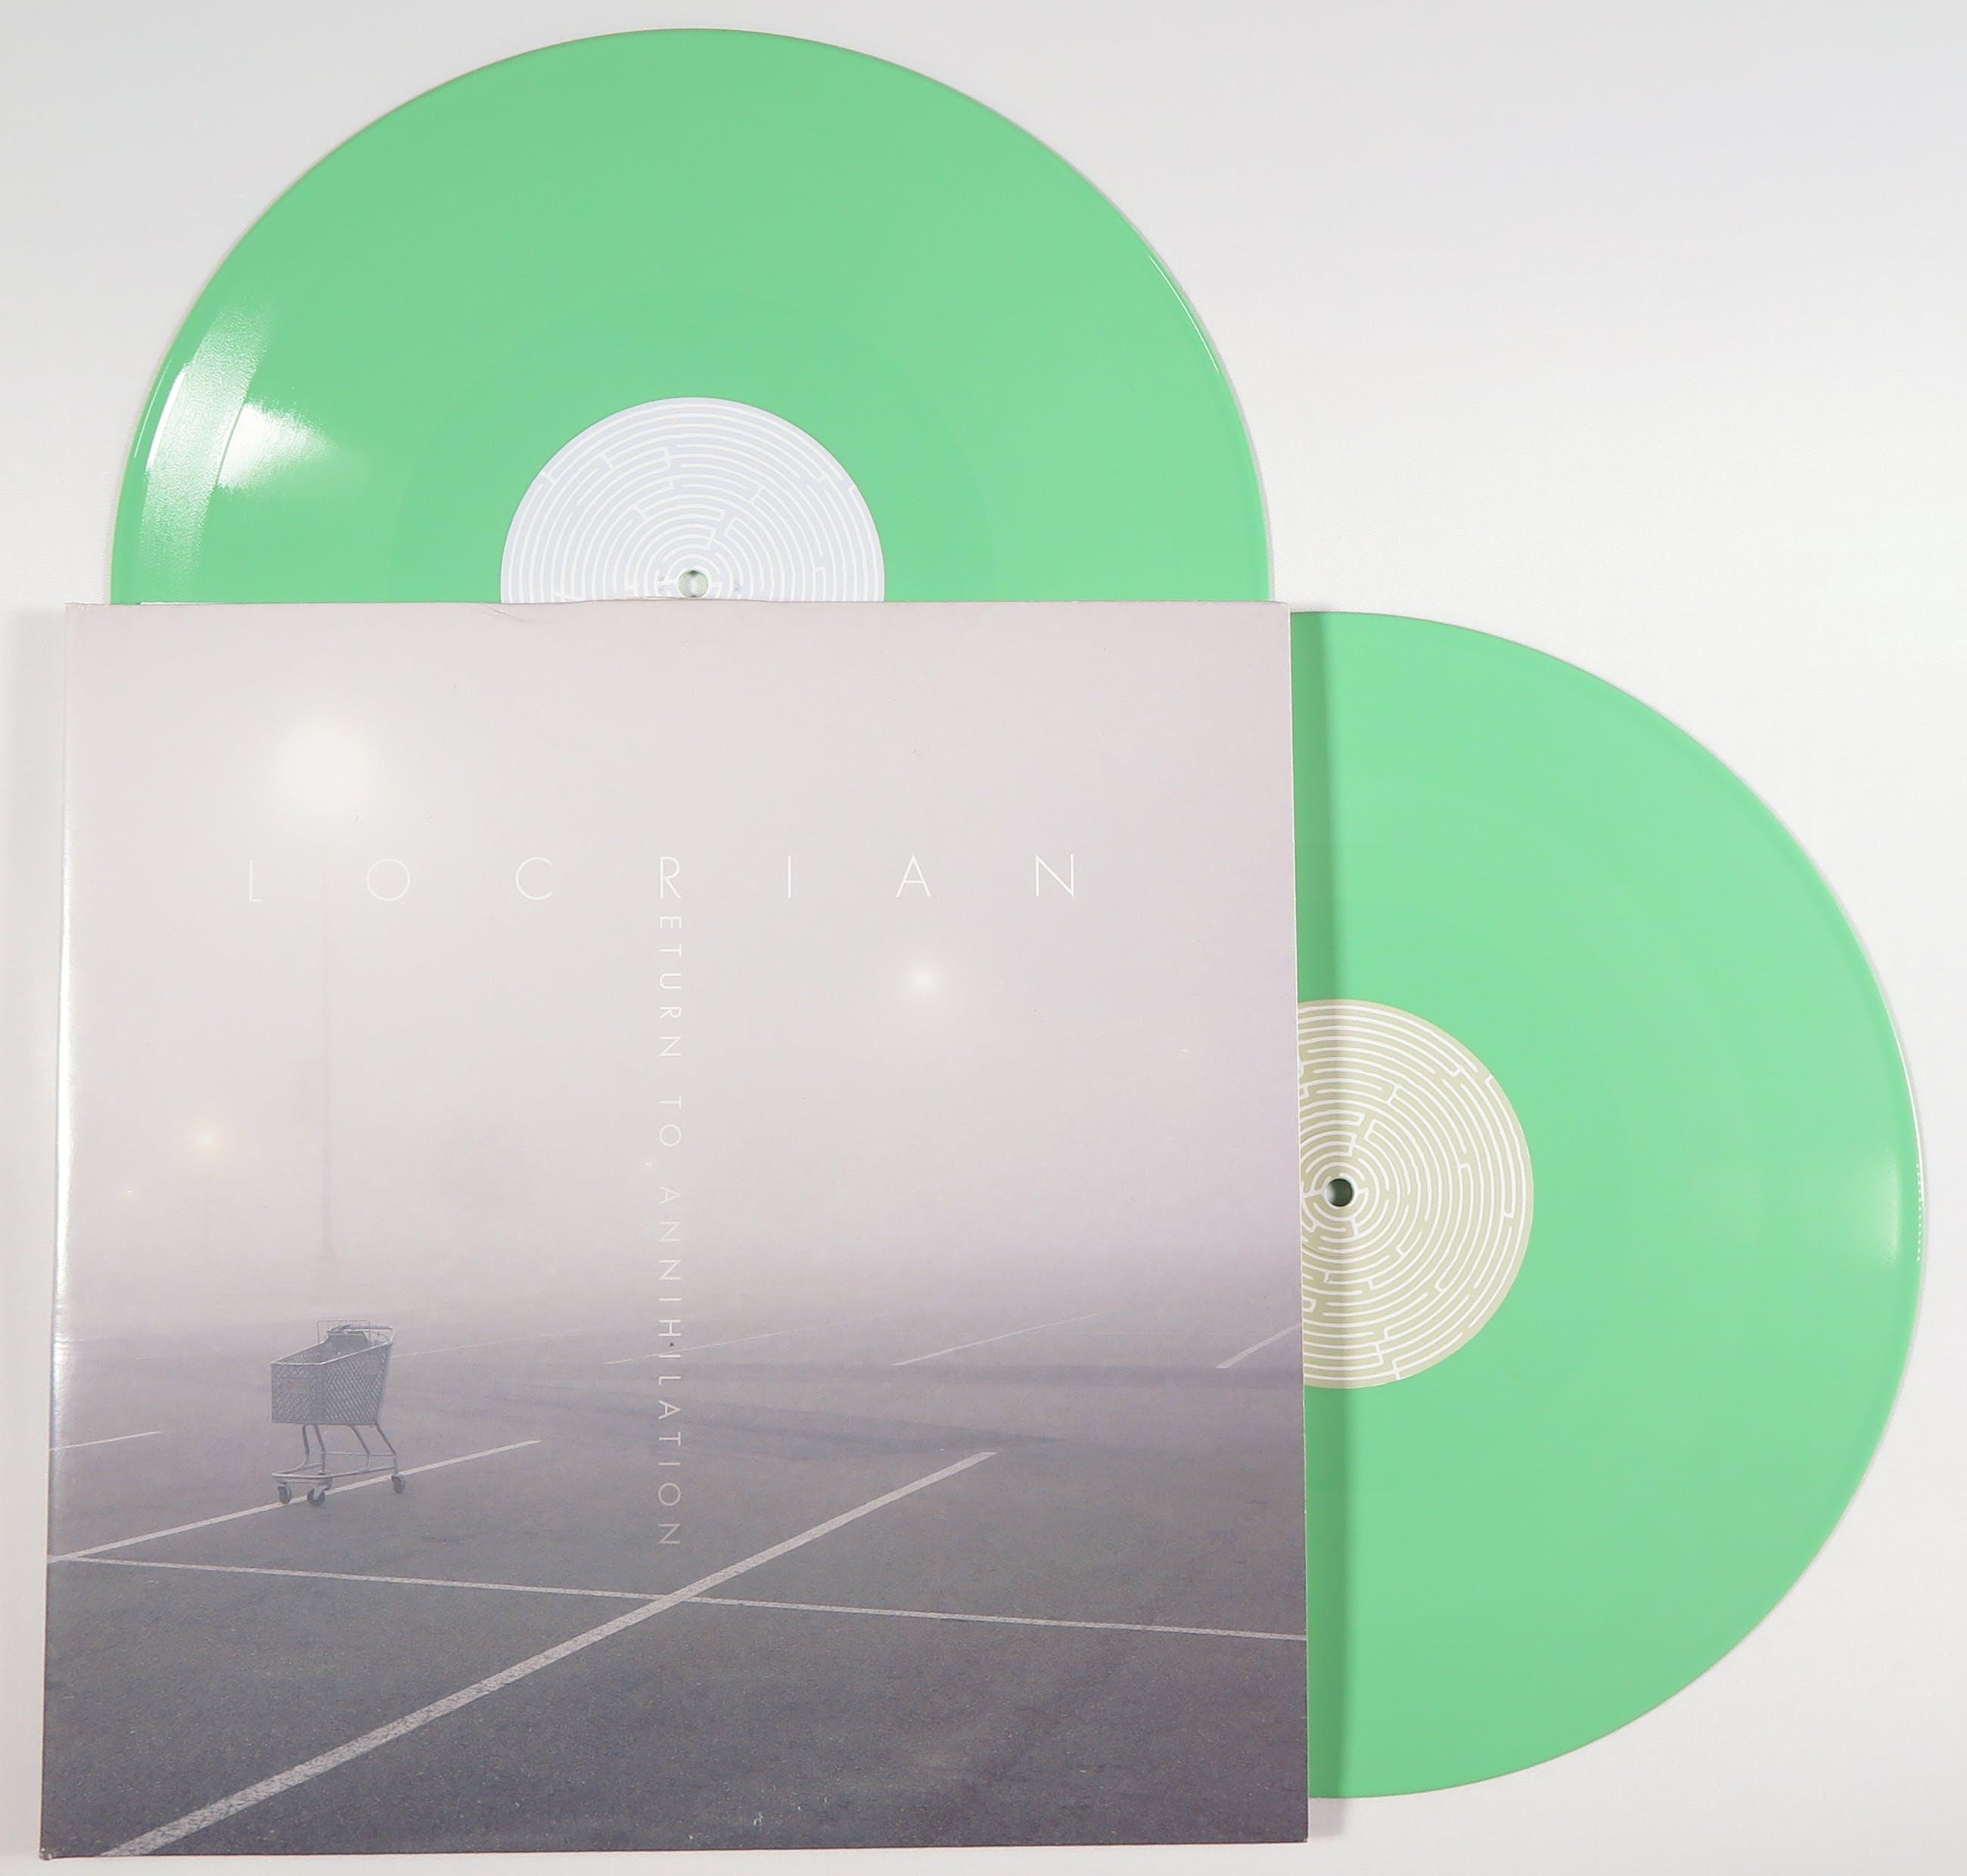 Locrian - Return to Annihilation (Dubbele 12 Inch maxi) Groen Vinyl kopen? Bied vanaf 10!